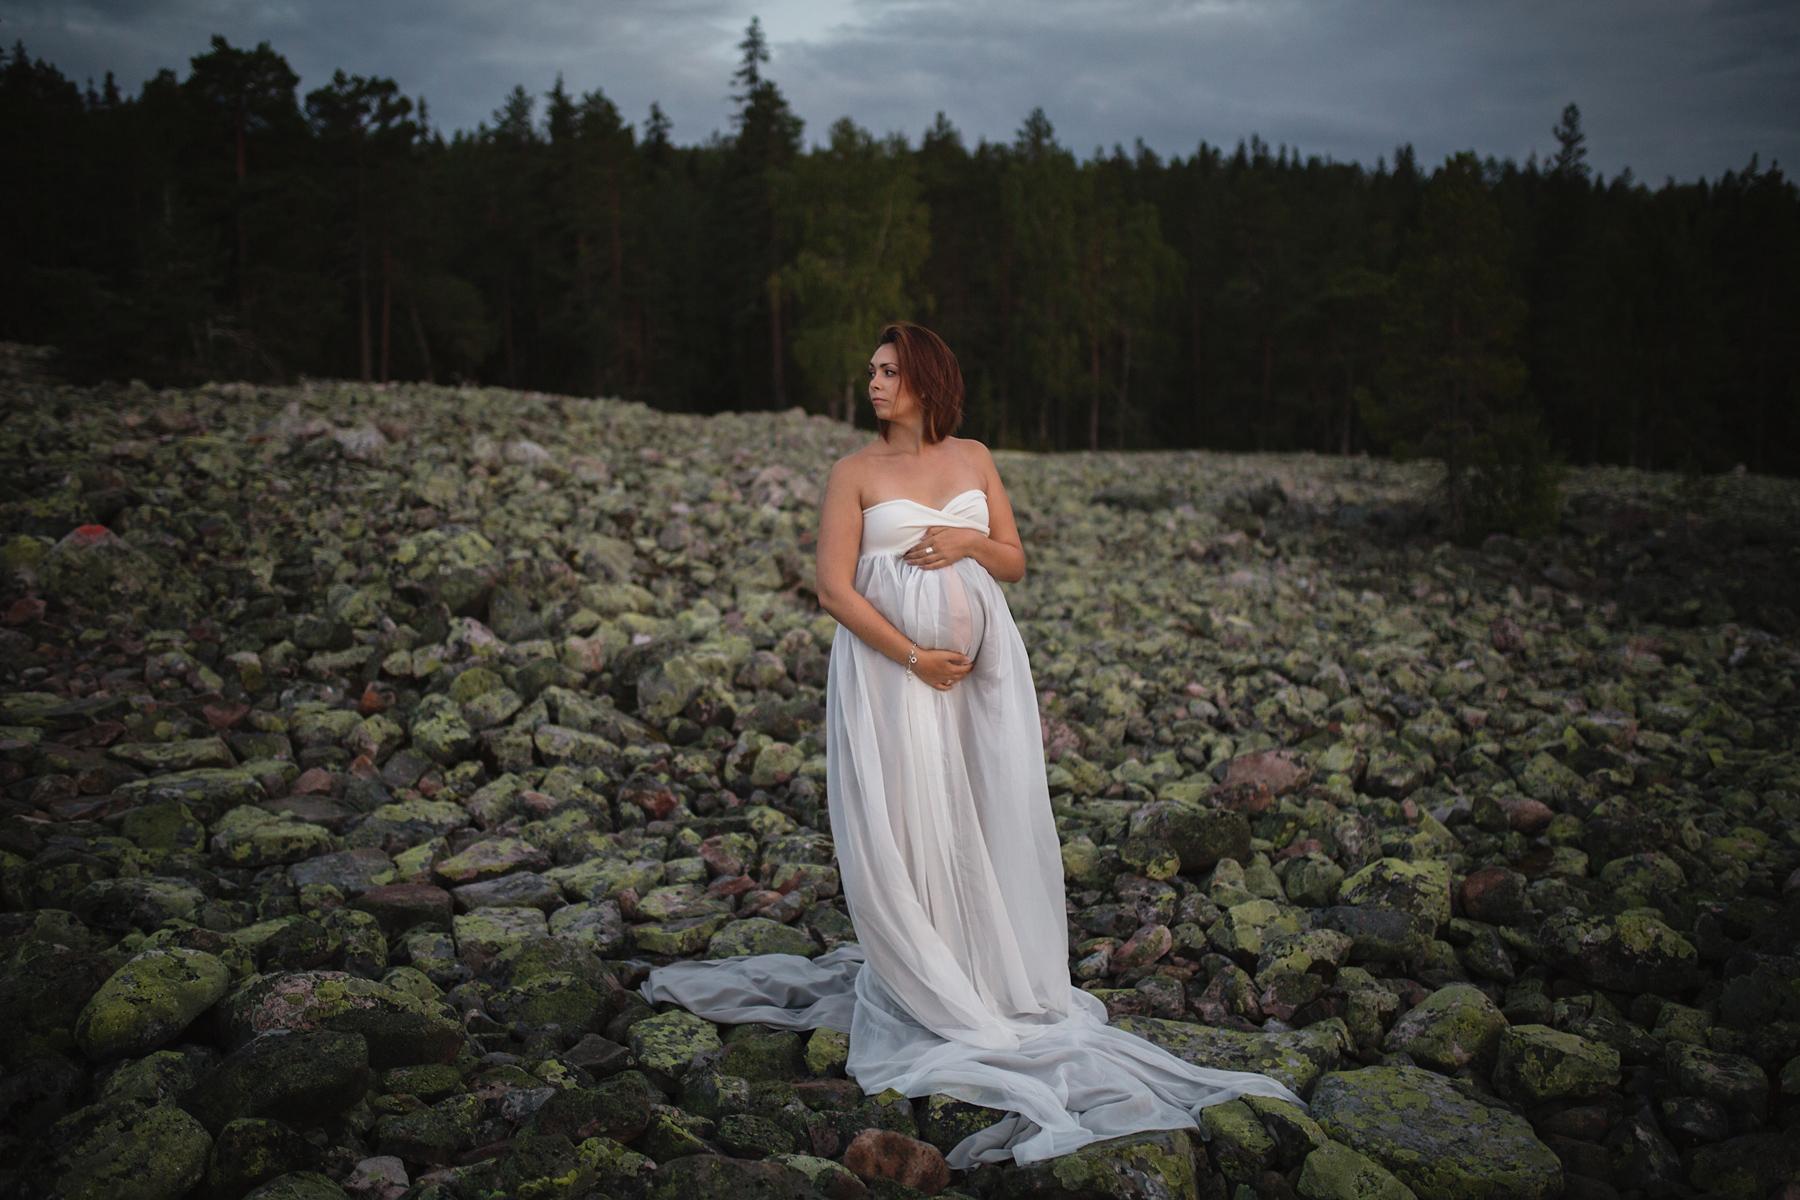 fia_maternity_irina_nilsson_photography_003